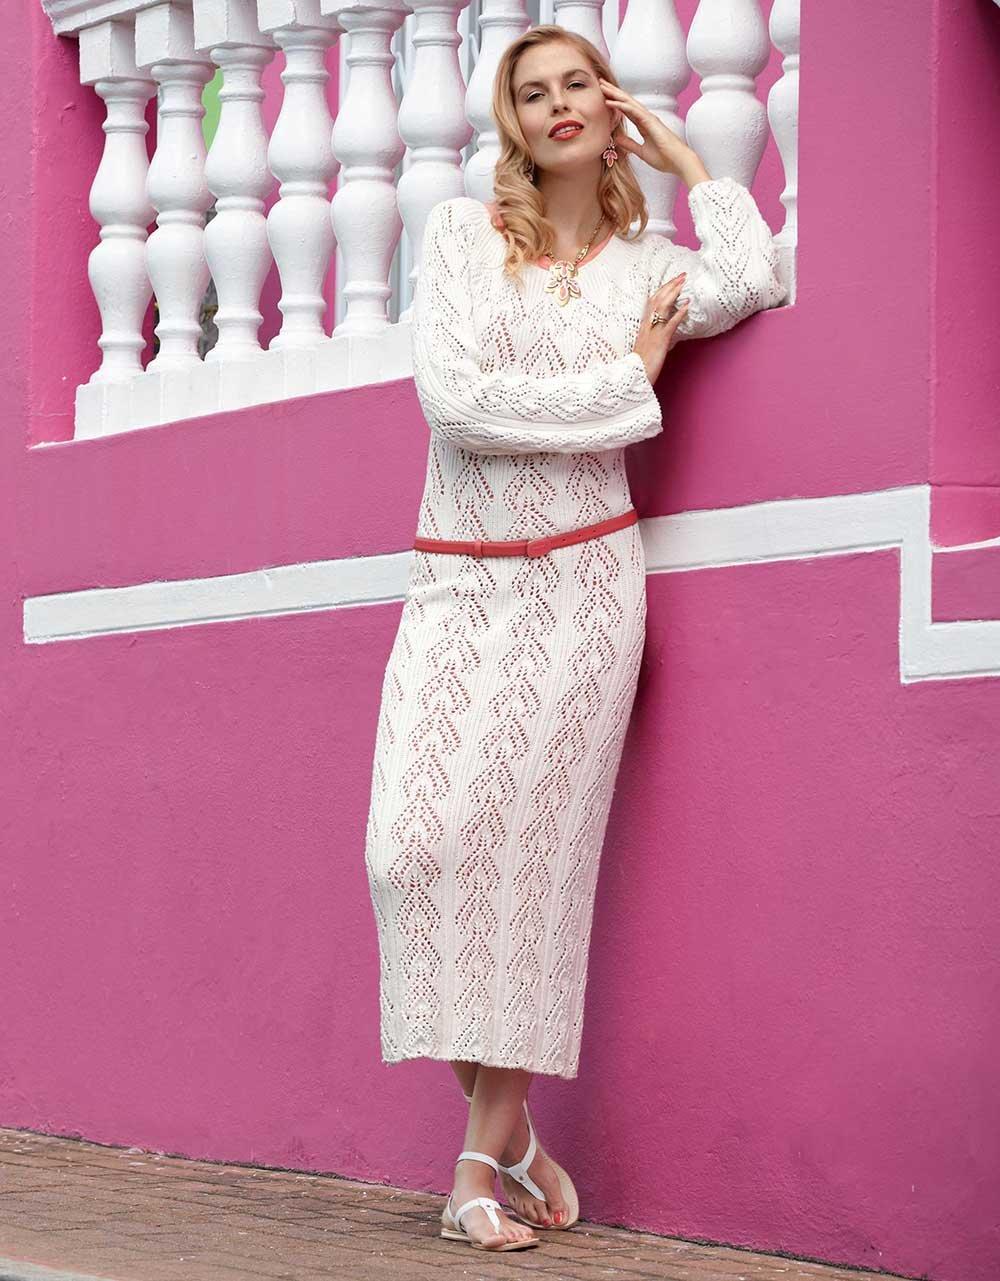 садовом дизайне платье вязаное белое схемы и фото выбрать